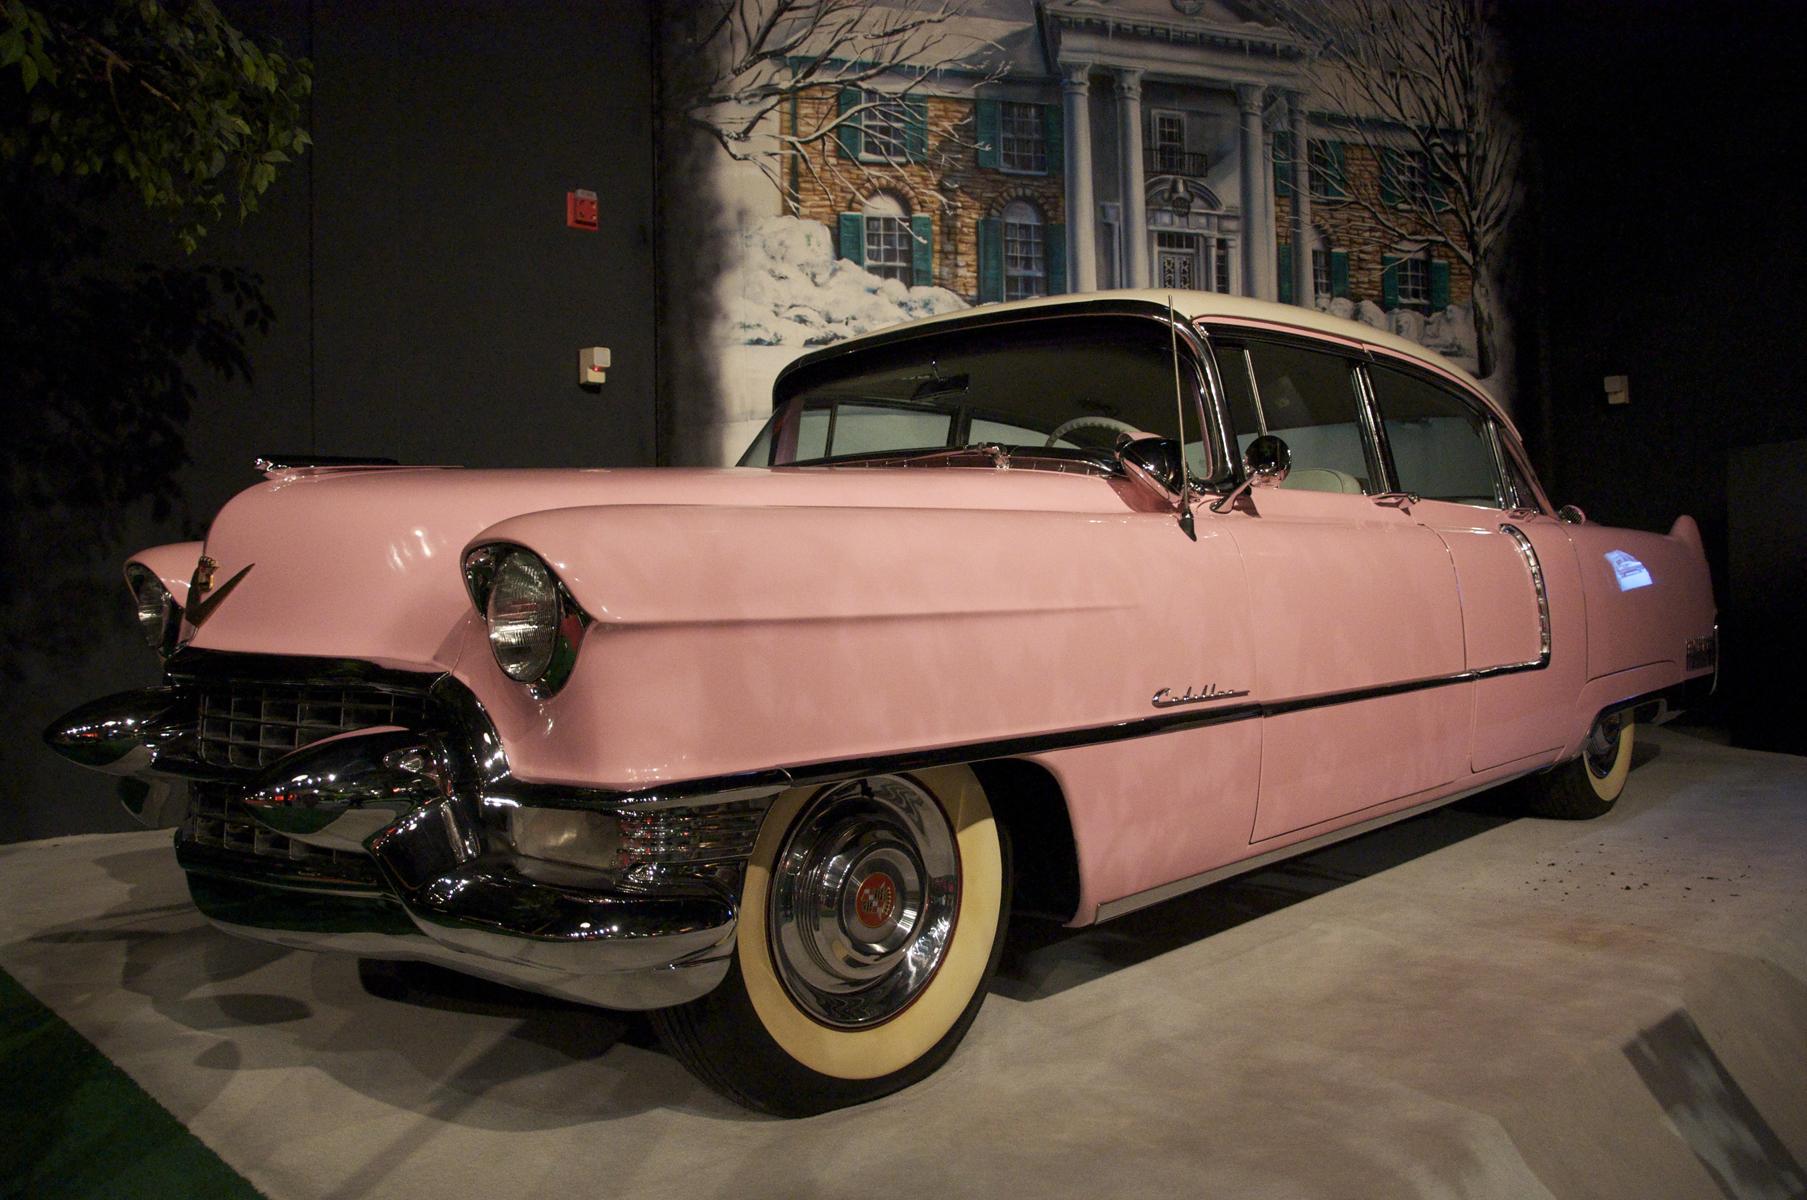 Elvis' Pink Cadillac!